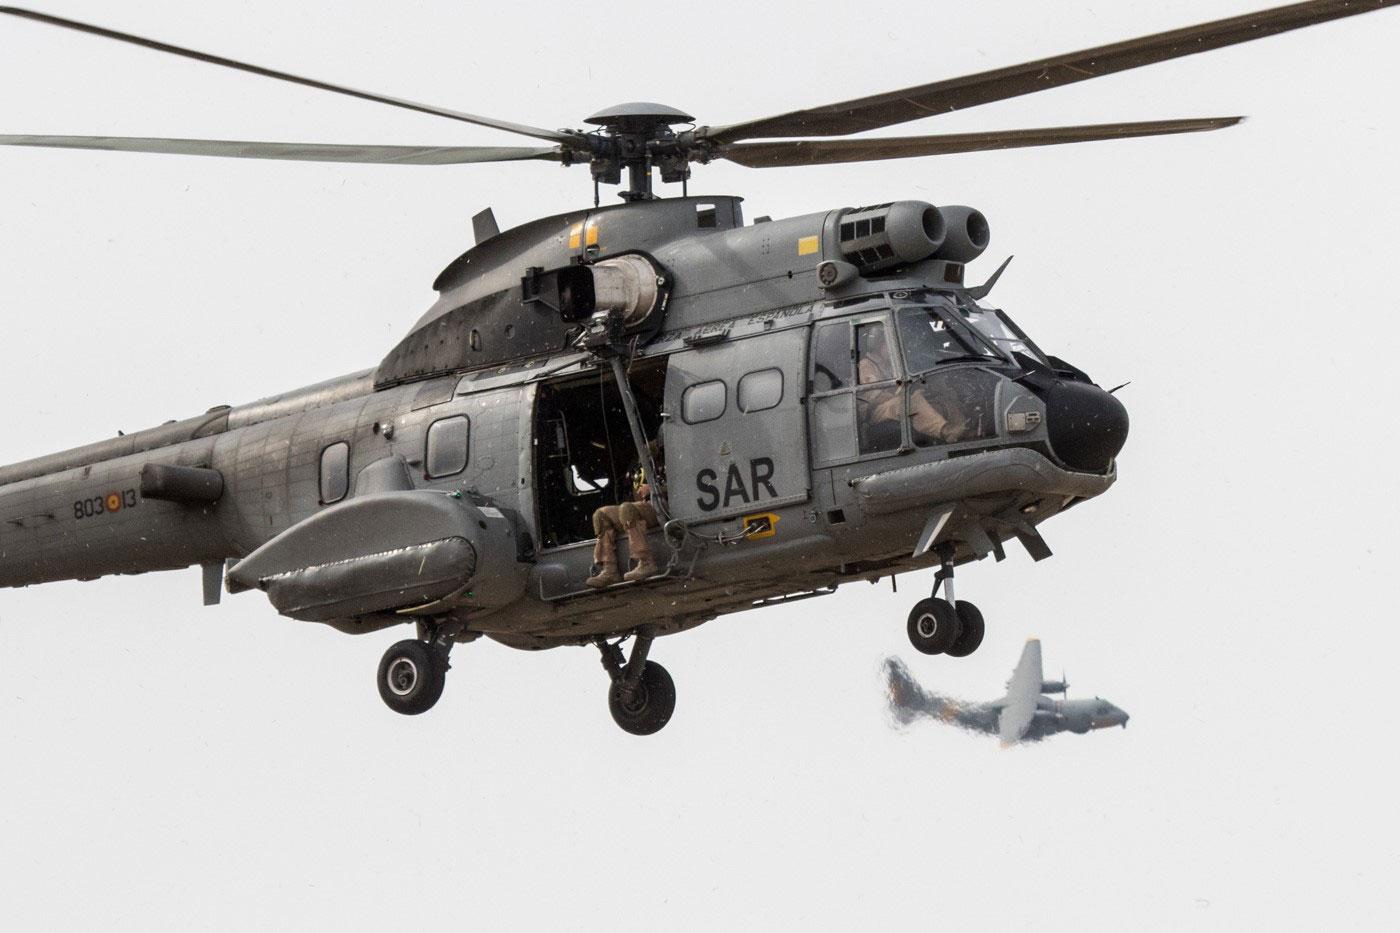 Festival Aéreo 25 años del Ala 48. Un helicóptero Súper Puma (HD.21) del SAR perteneciente al Ala 48